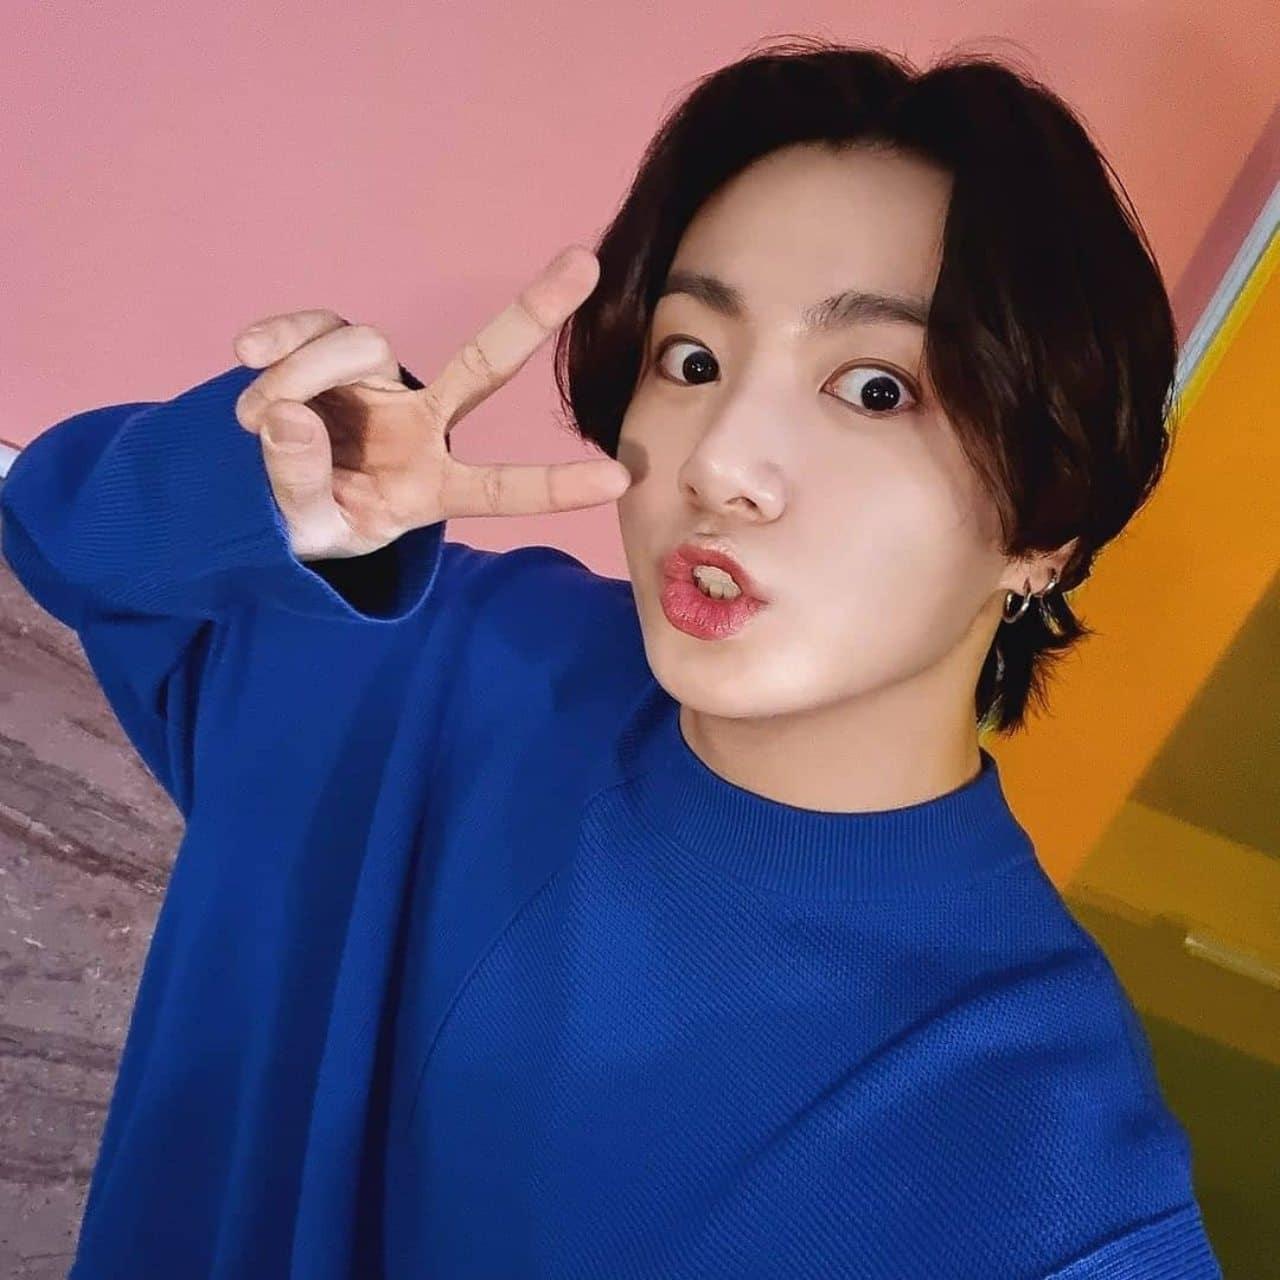 Jungkook hace señal de amor y paz